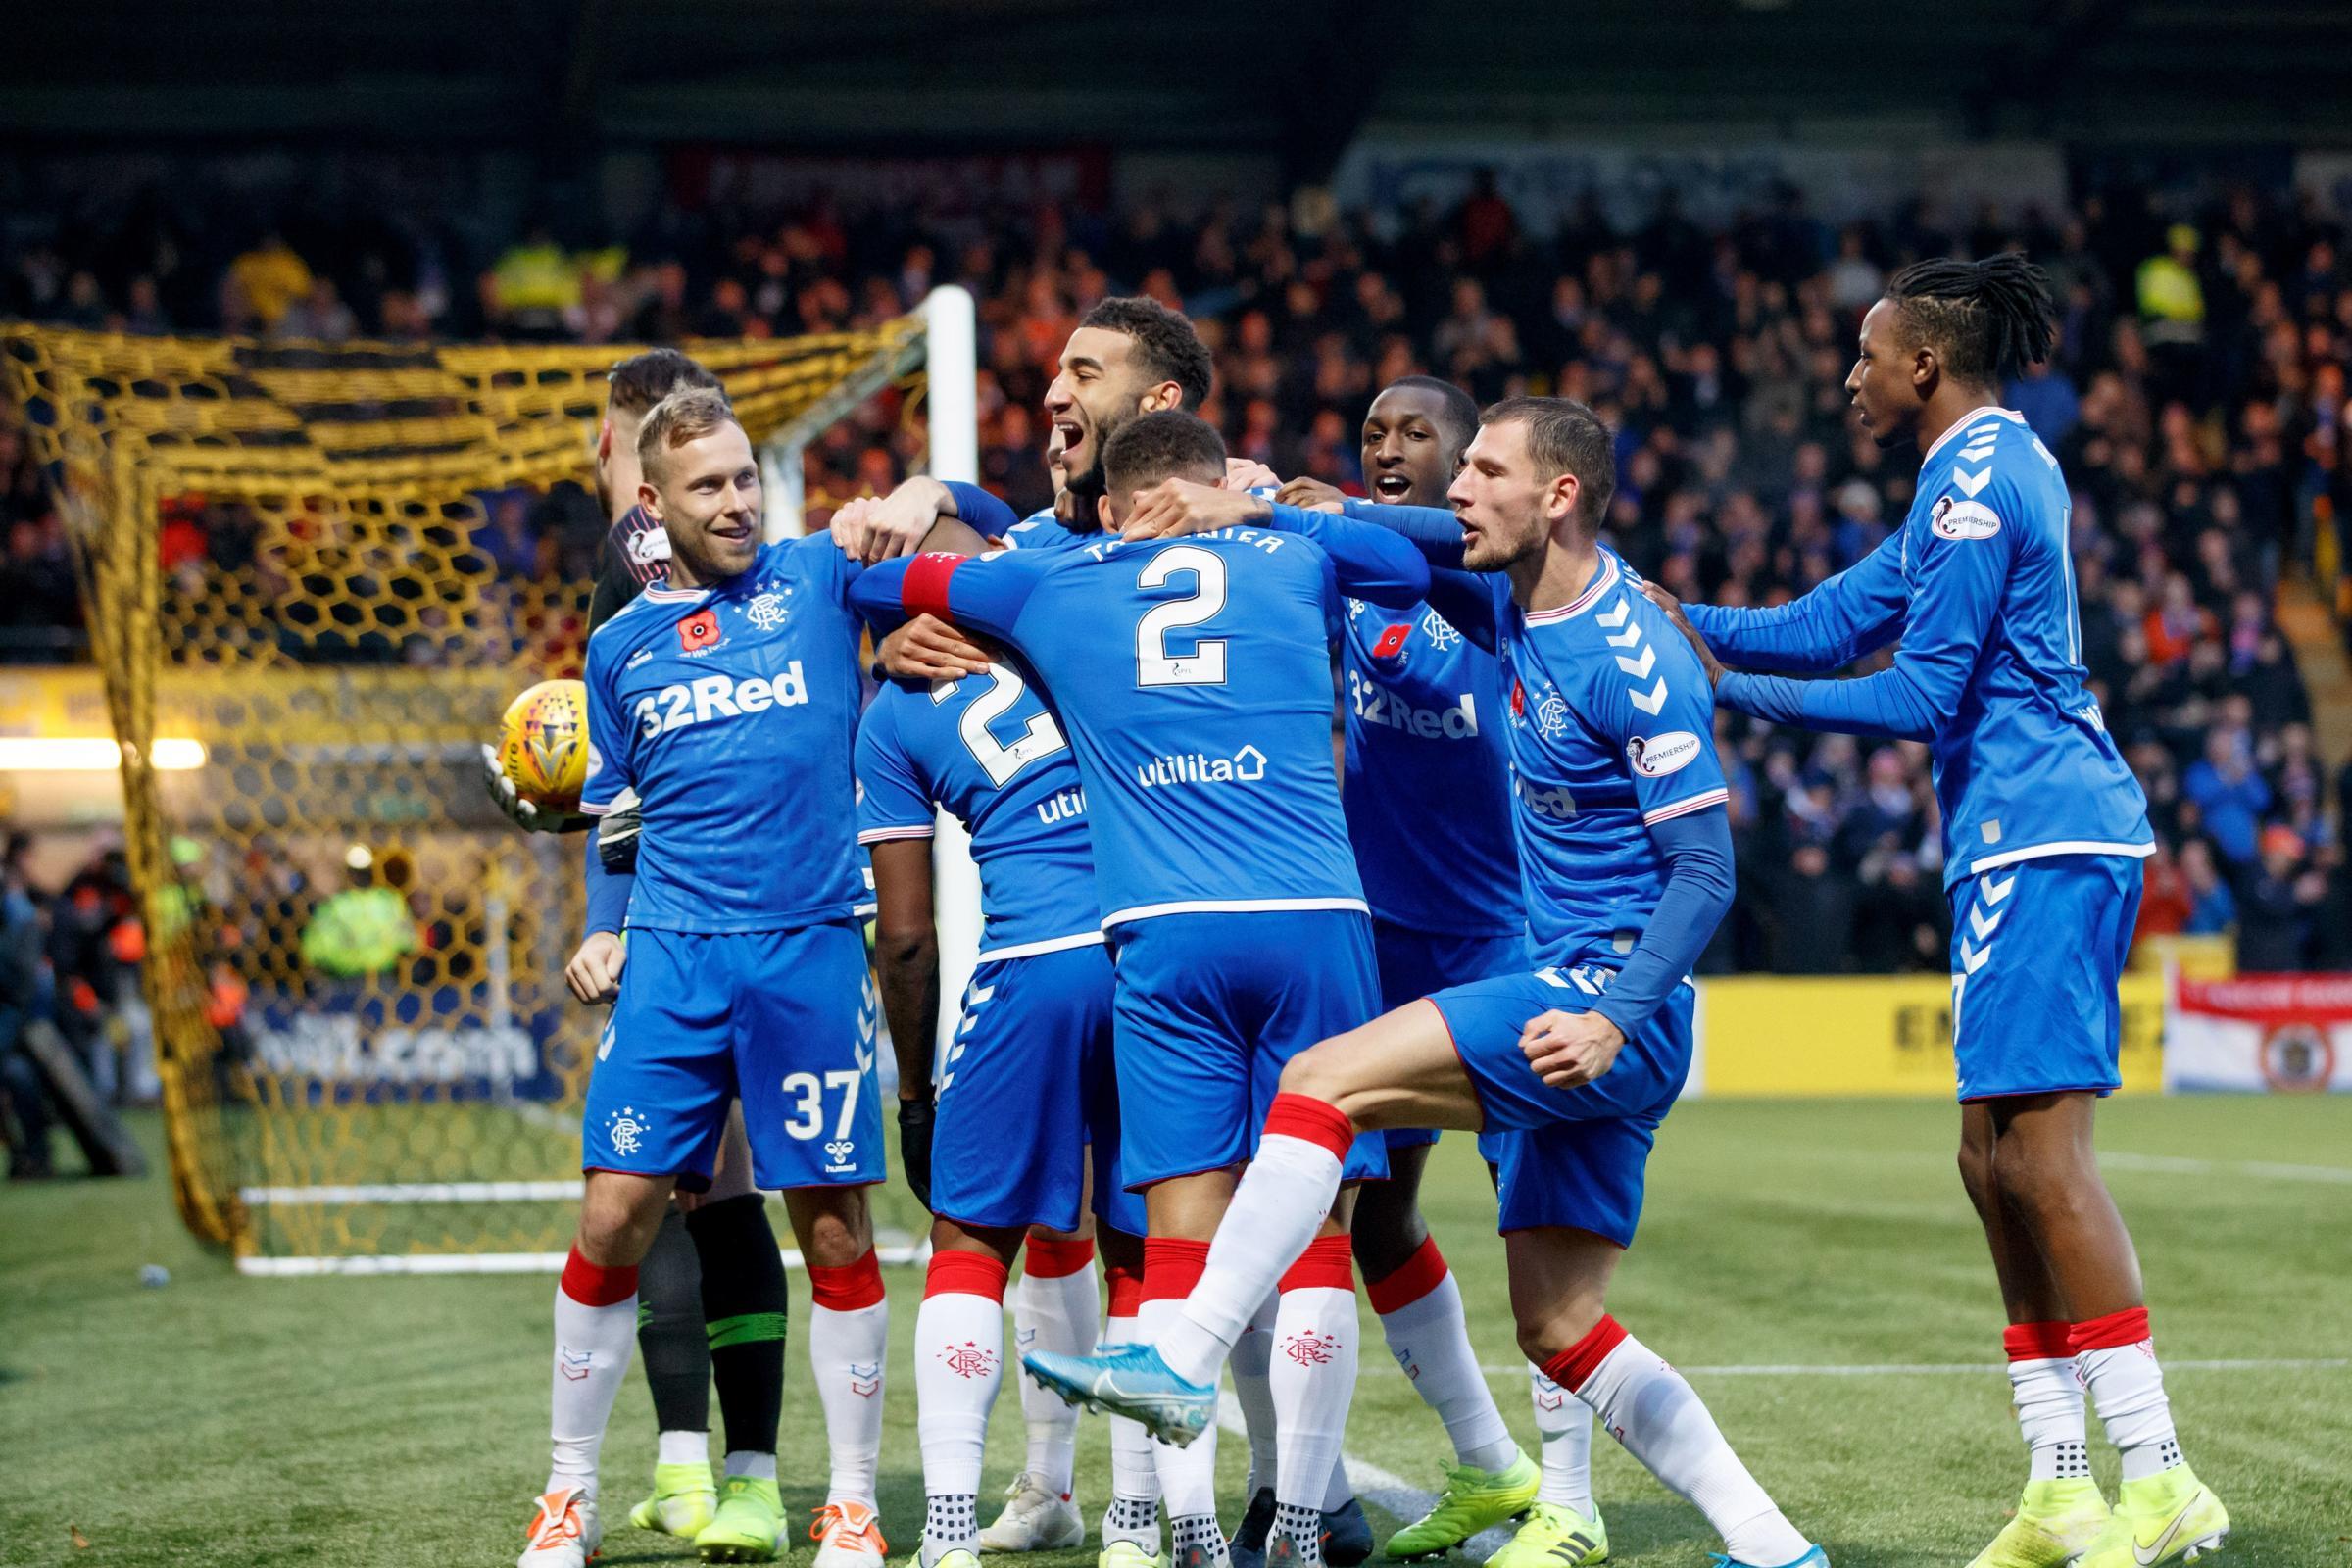 Livingston 0-2 Rangers: Five things we learned as Steven Gerrard's side clinch 2-0 Premiership win